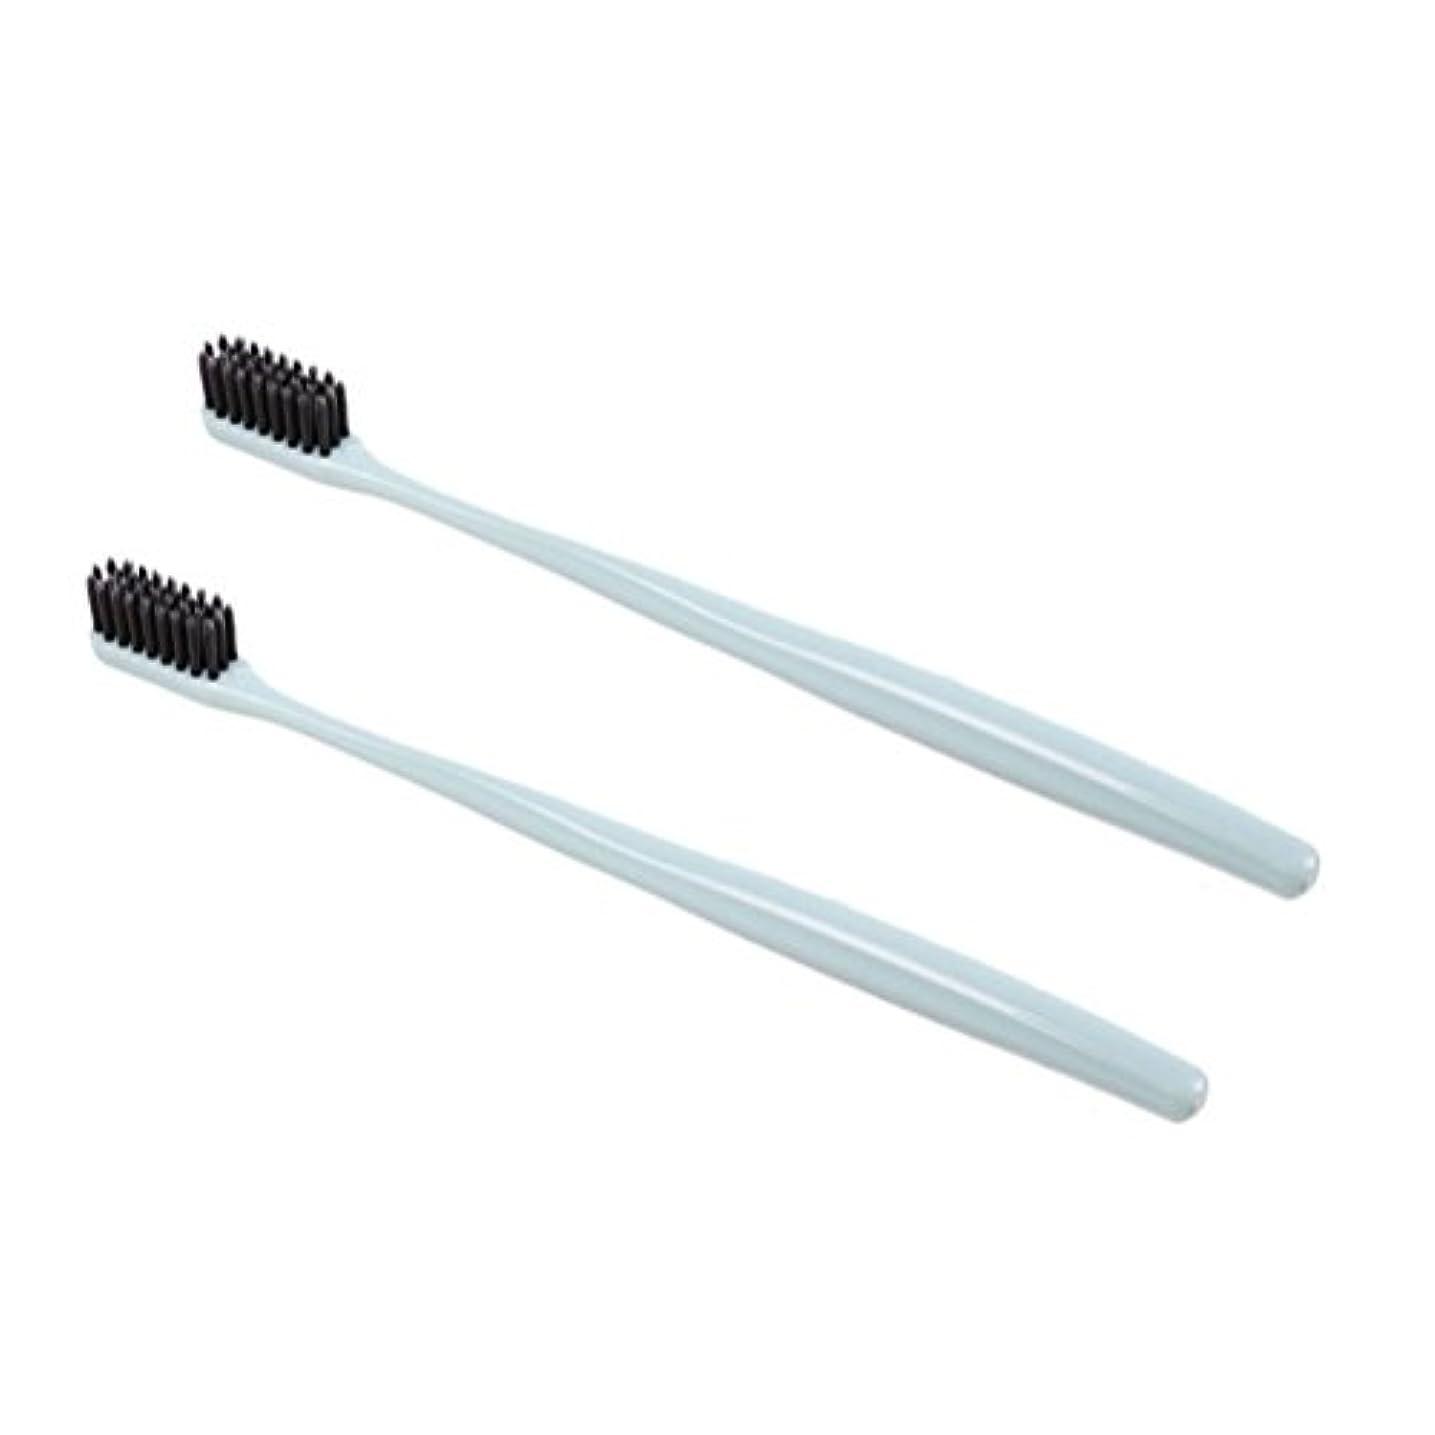 危険にさらされている痴漢きらめきTOPBATHY 子供と大人のための2本の柔らかい歯ブラシ天然竹炭歯ブラシ小さなヘッド歯ブラシ(グリーン)